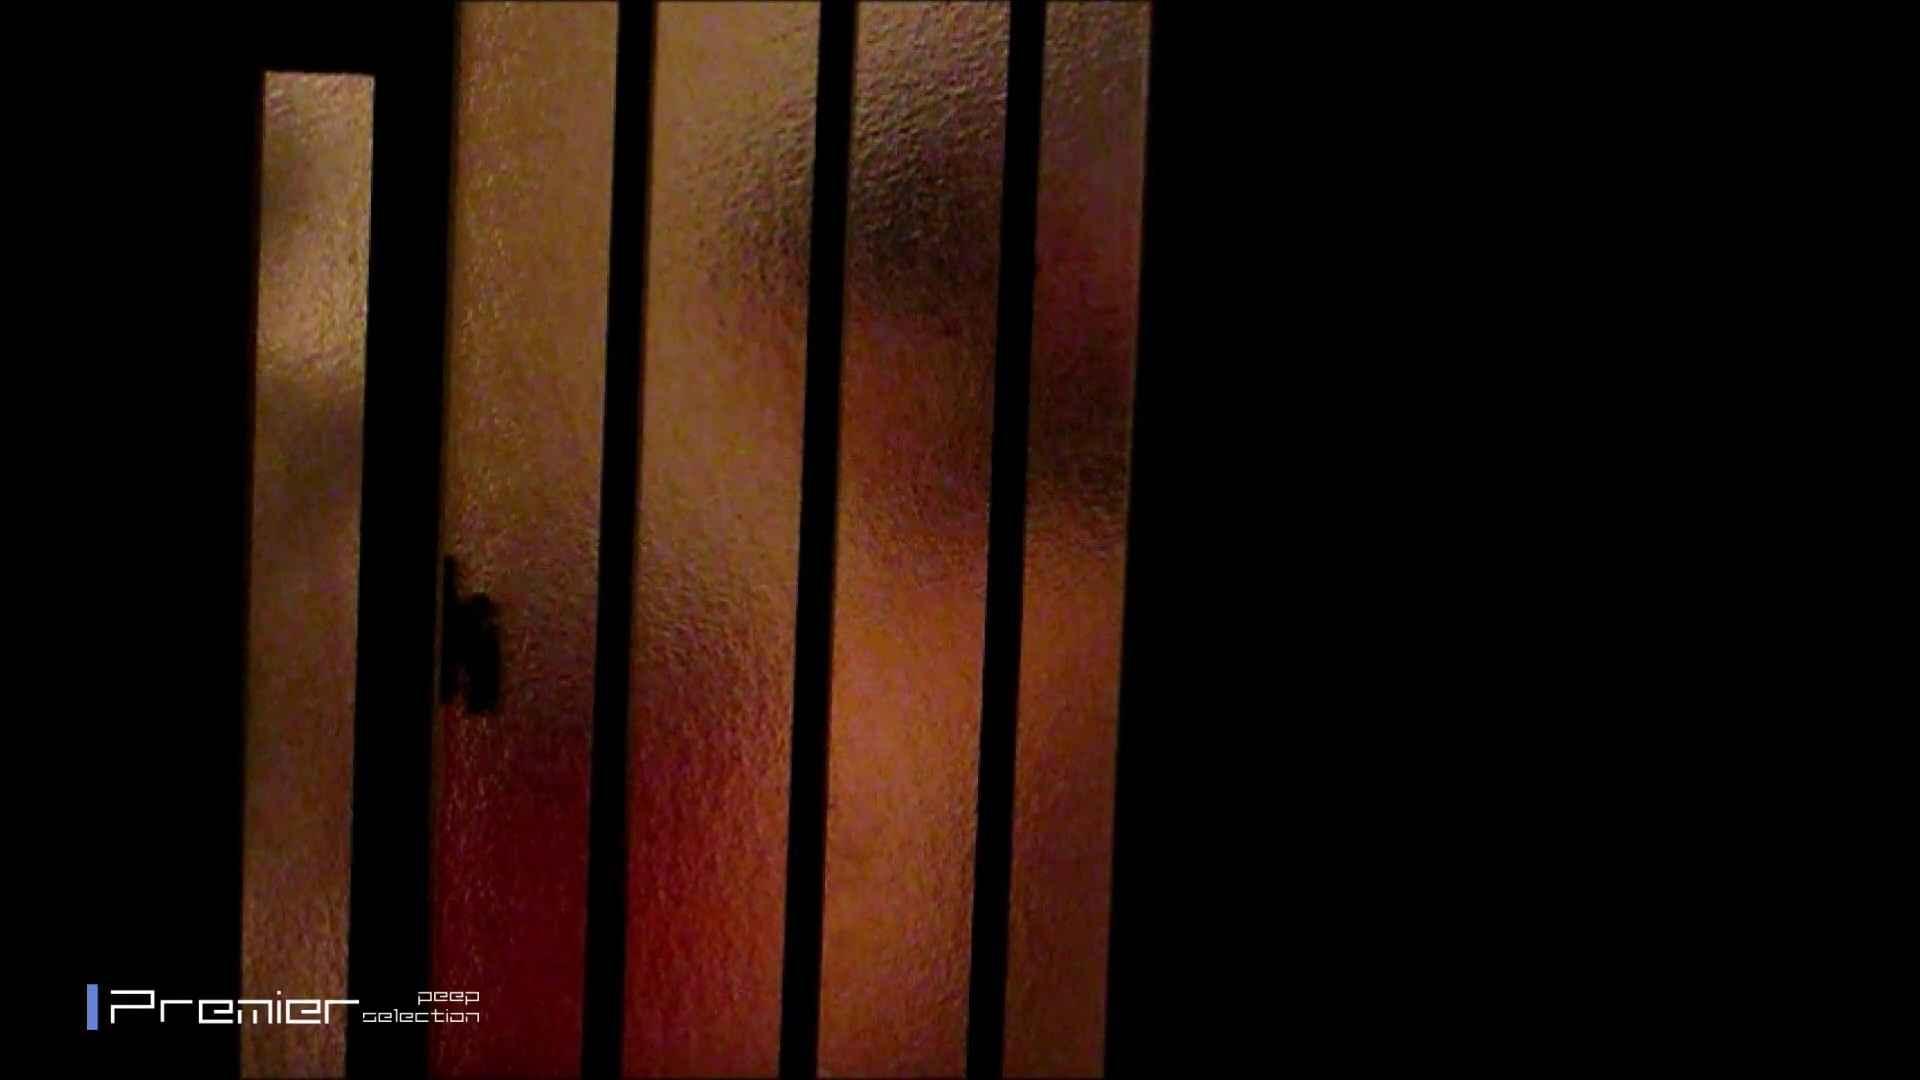 スレンダー美女の桃色乳首 乙女の風呂場 Vol.09 盗撮  96PIX 64